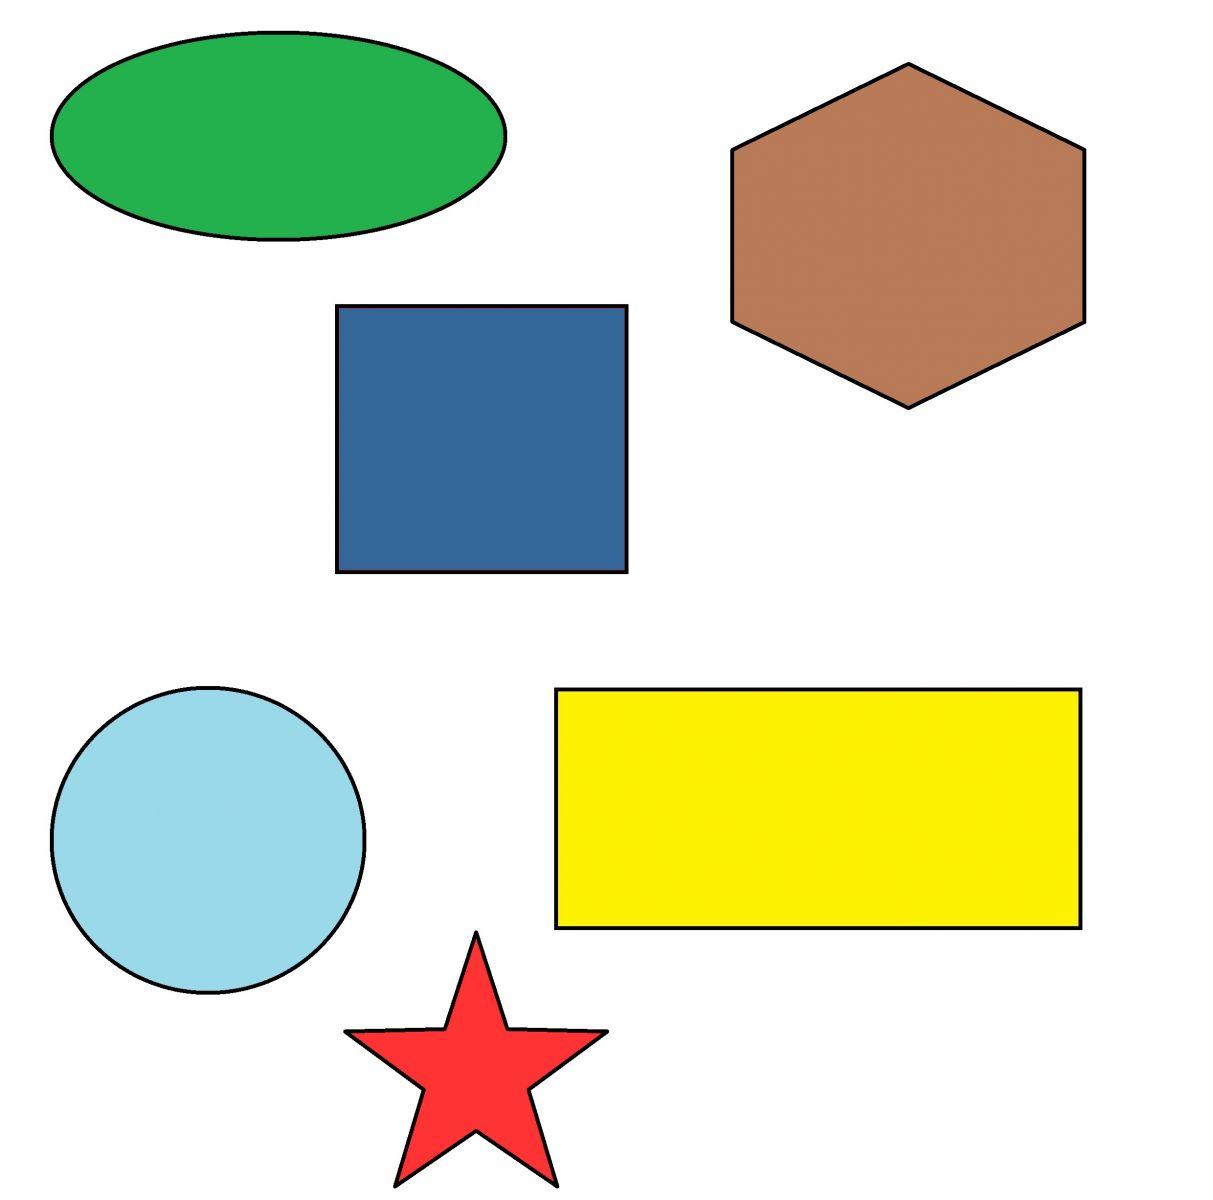 Картинки с изображением геометрических фигур для детского сада